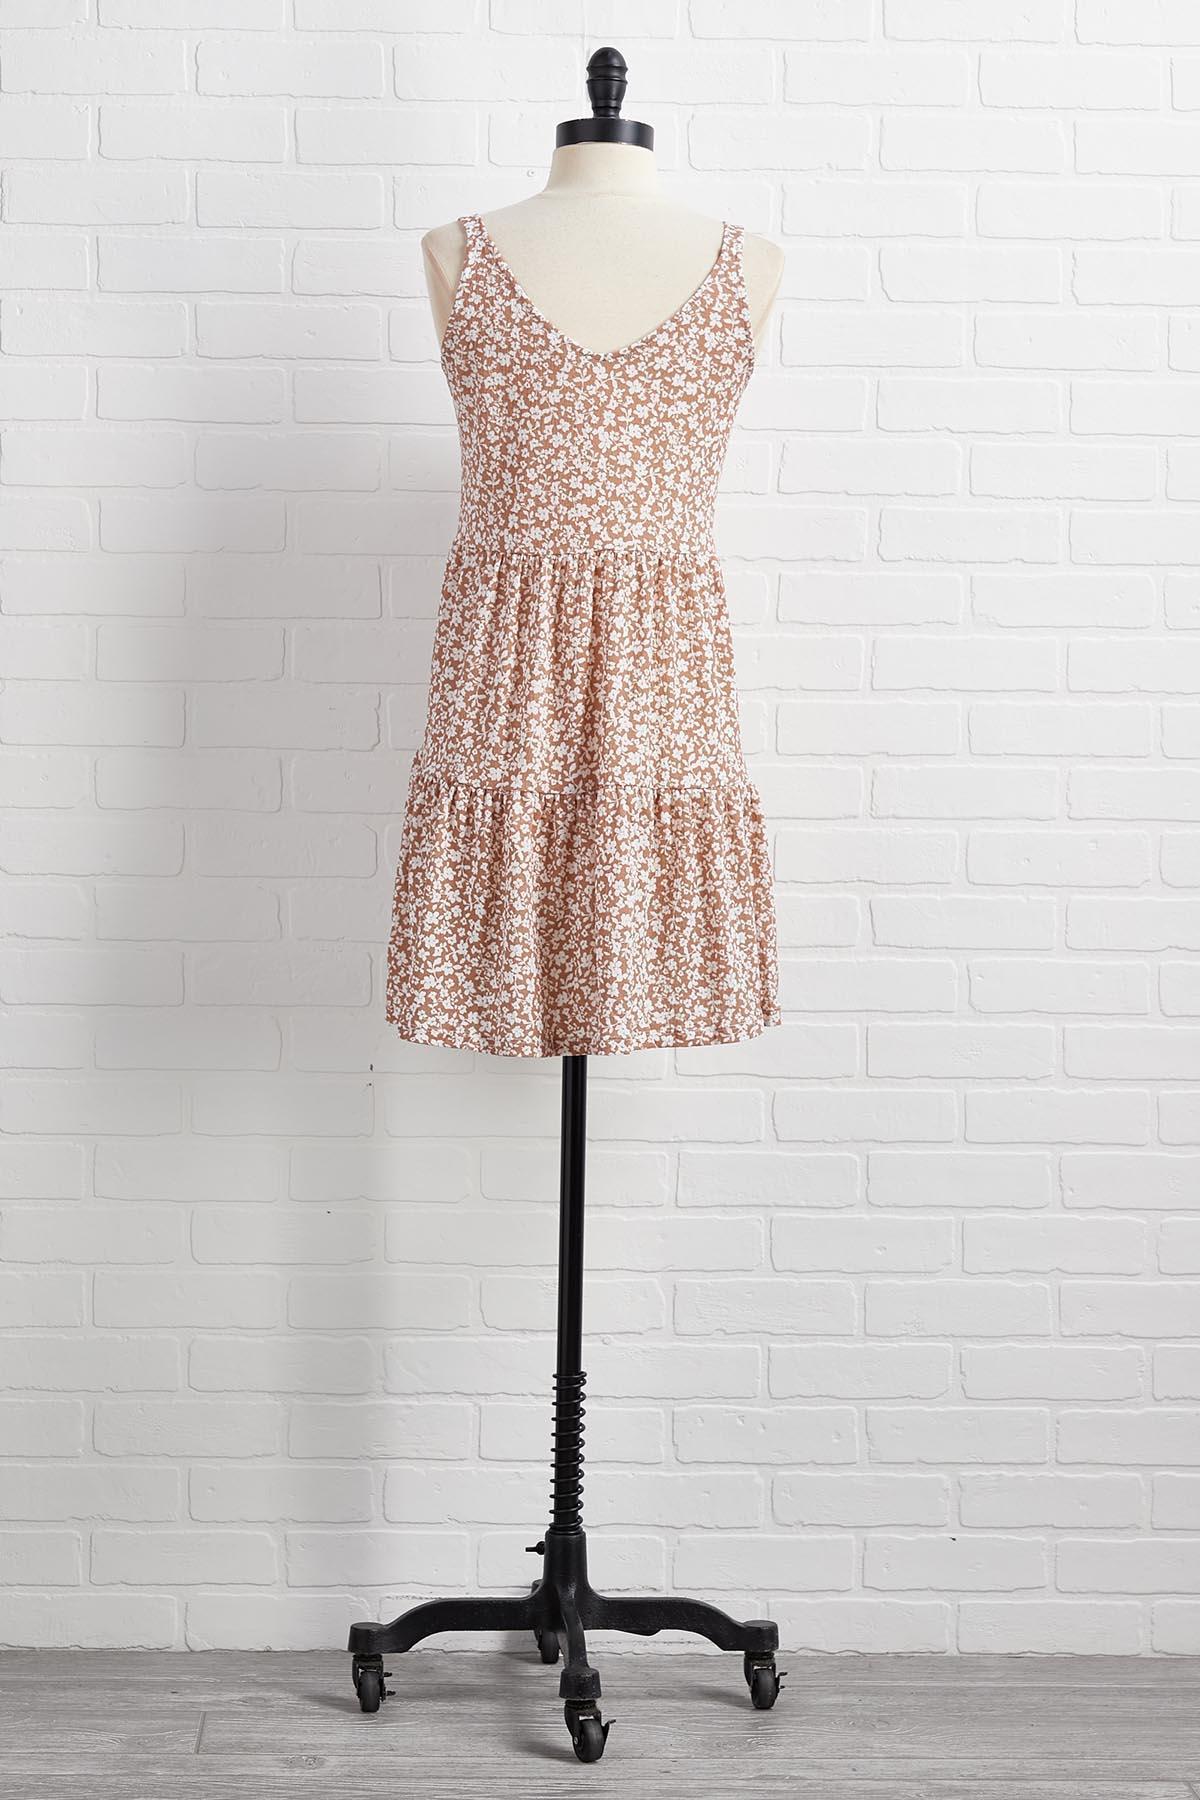 Growing Up Dress